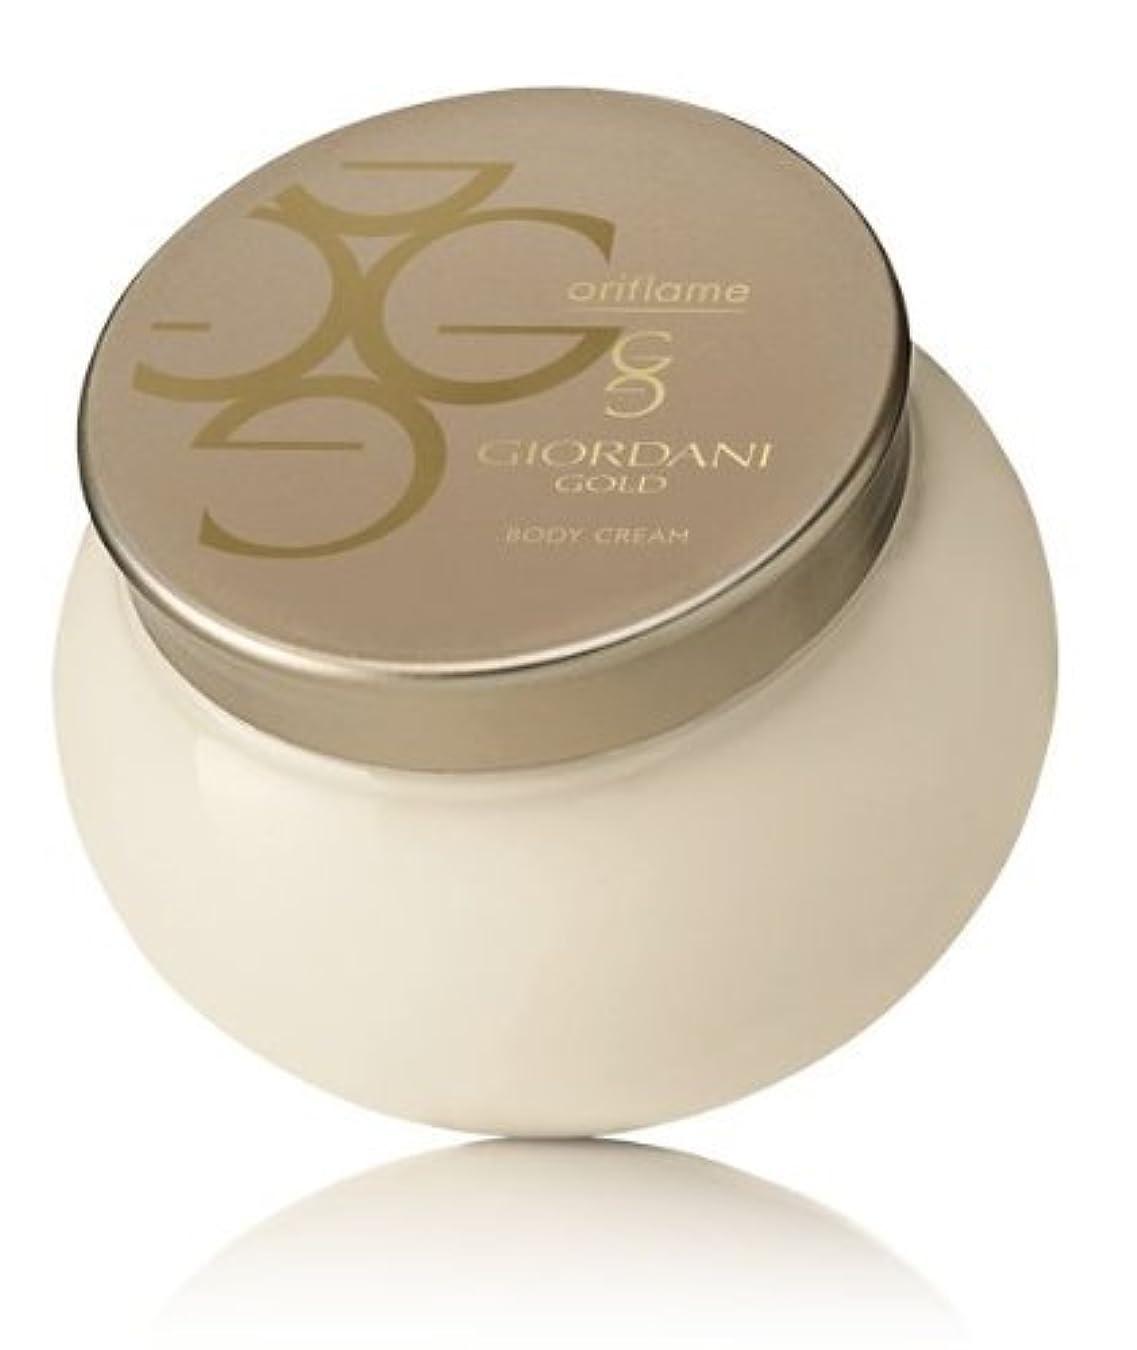 コーナー思い出節約Giordani Gold Body Cream by Oriflame